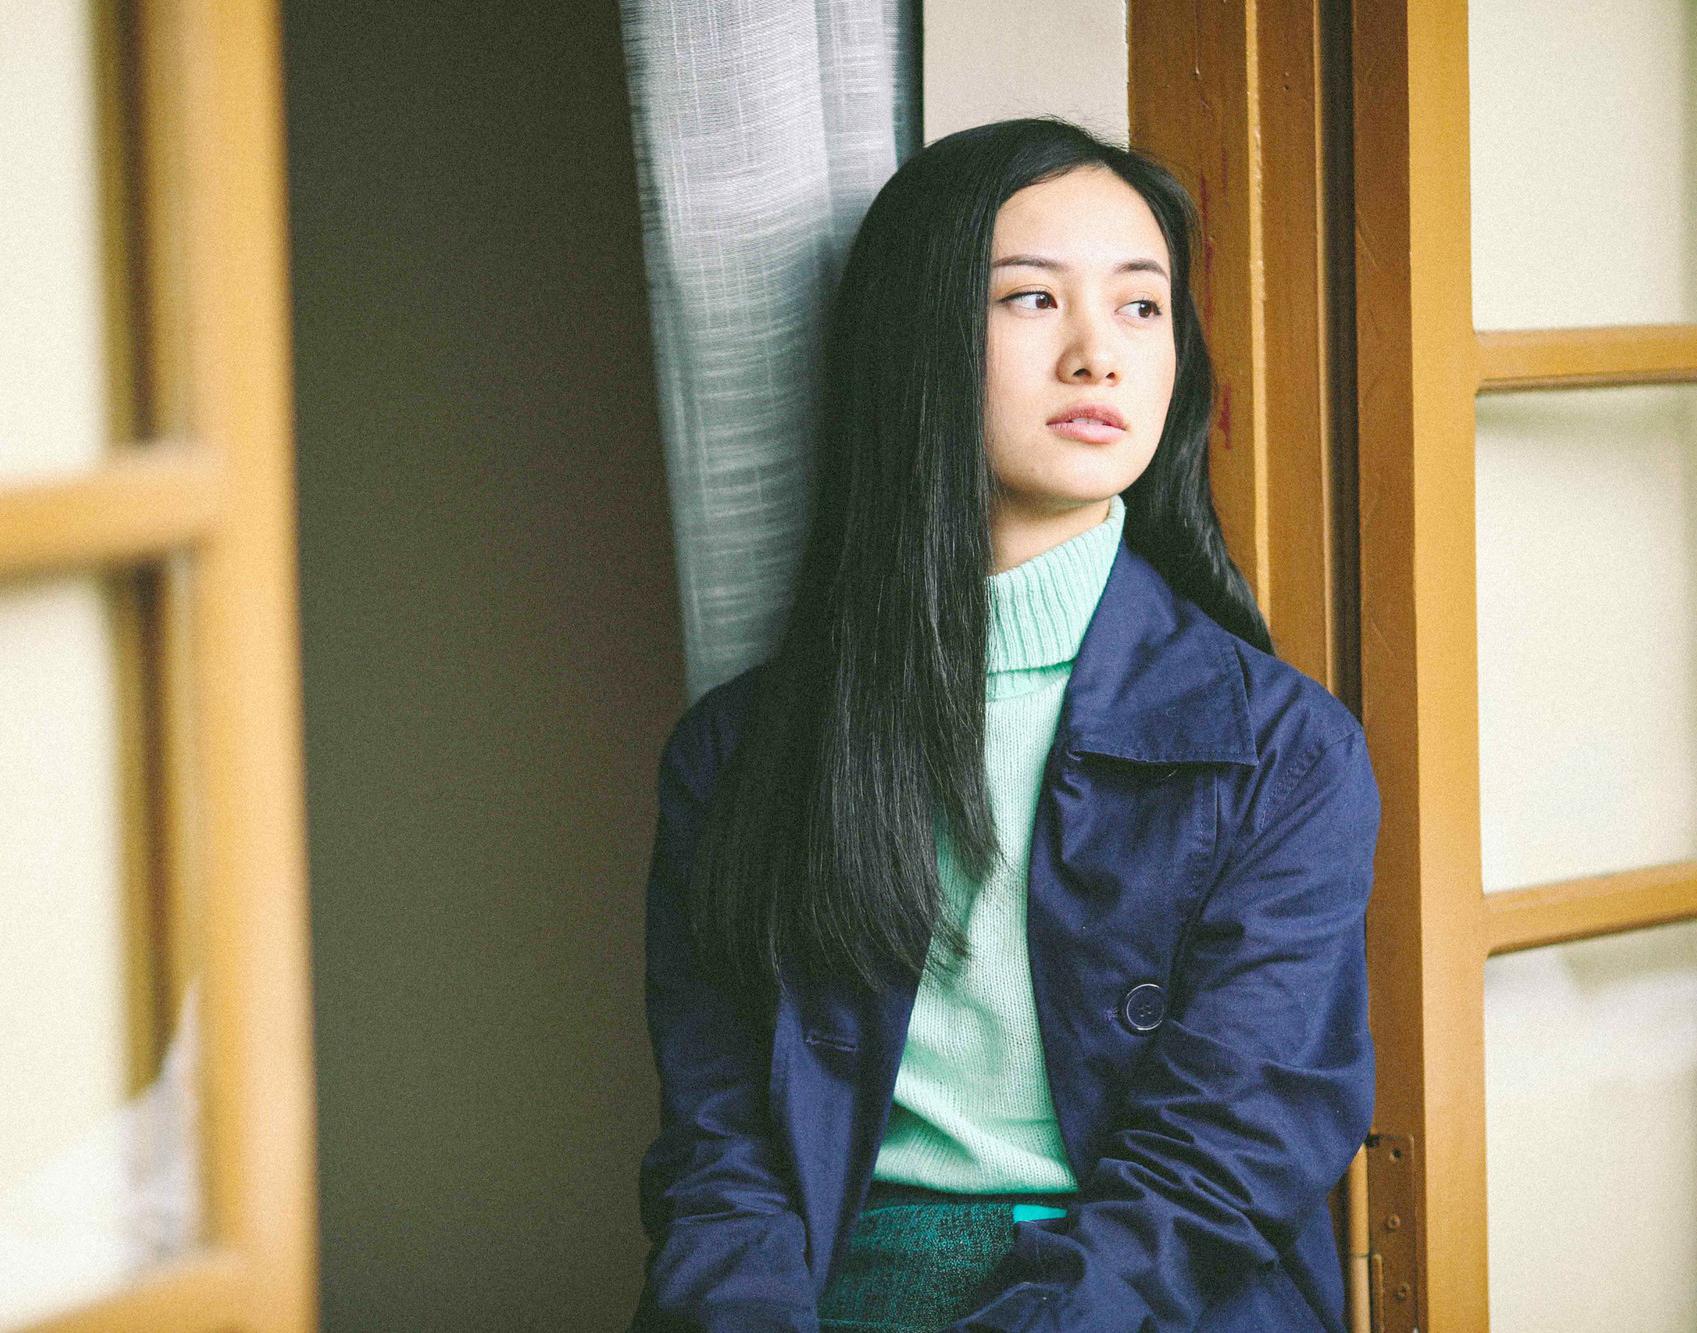 8. Jun Vũ - Tuyết Anh. Giữa một dàn mỹ nhân đông đảo tham gia bộ phim điện ảnh